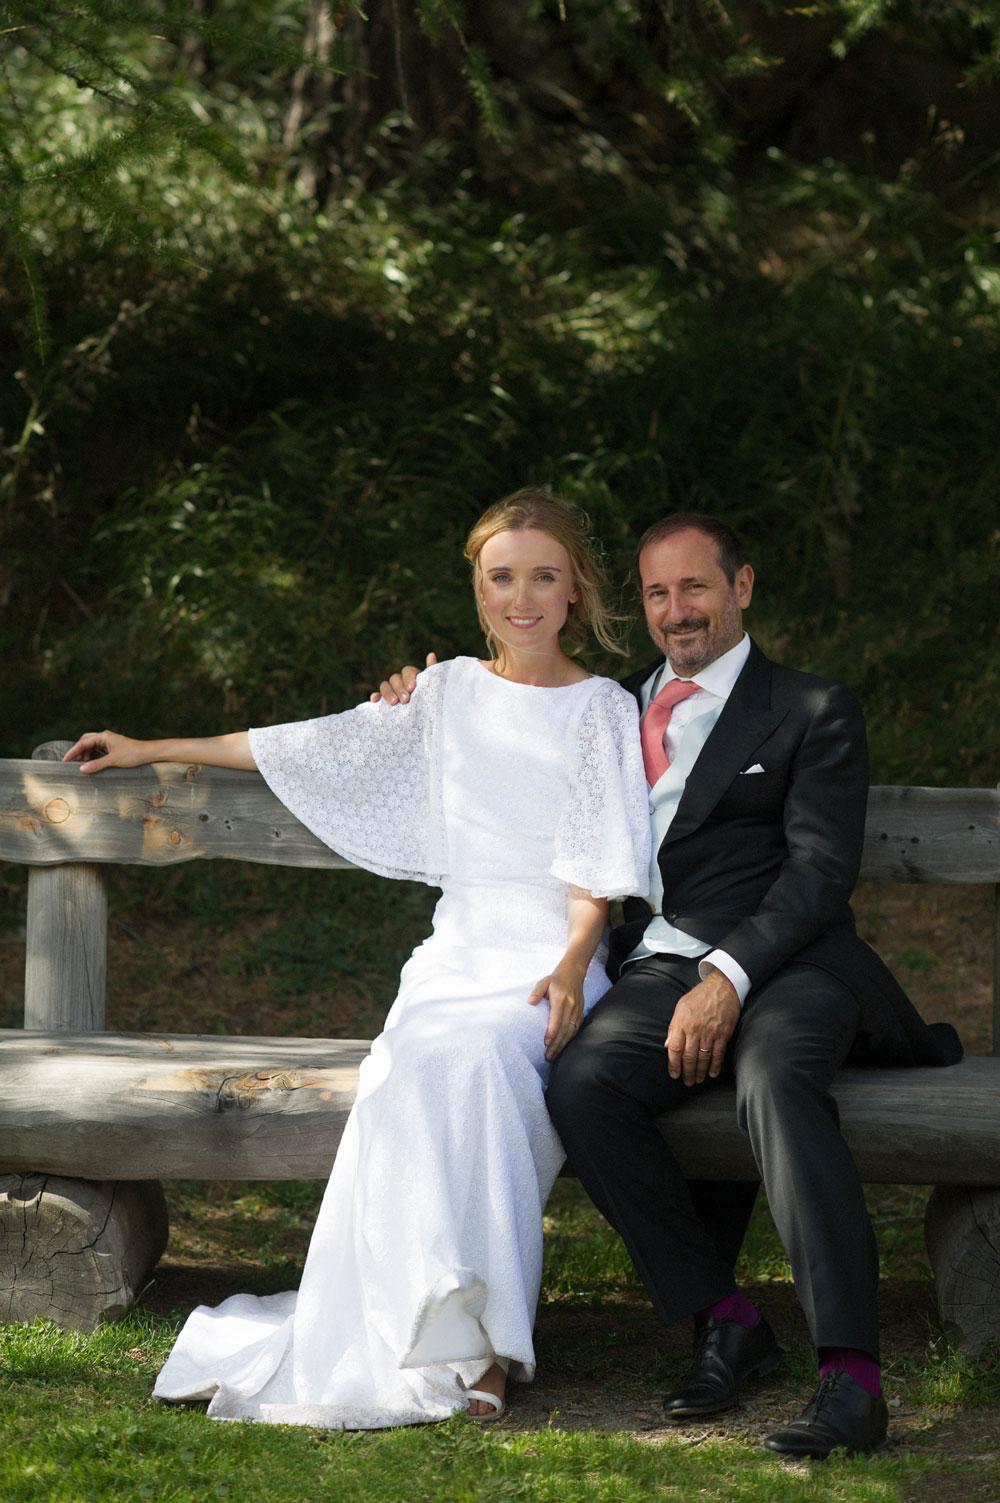 wedding_photographer_celerina_045.jpg